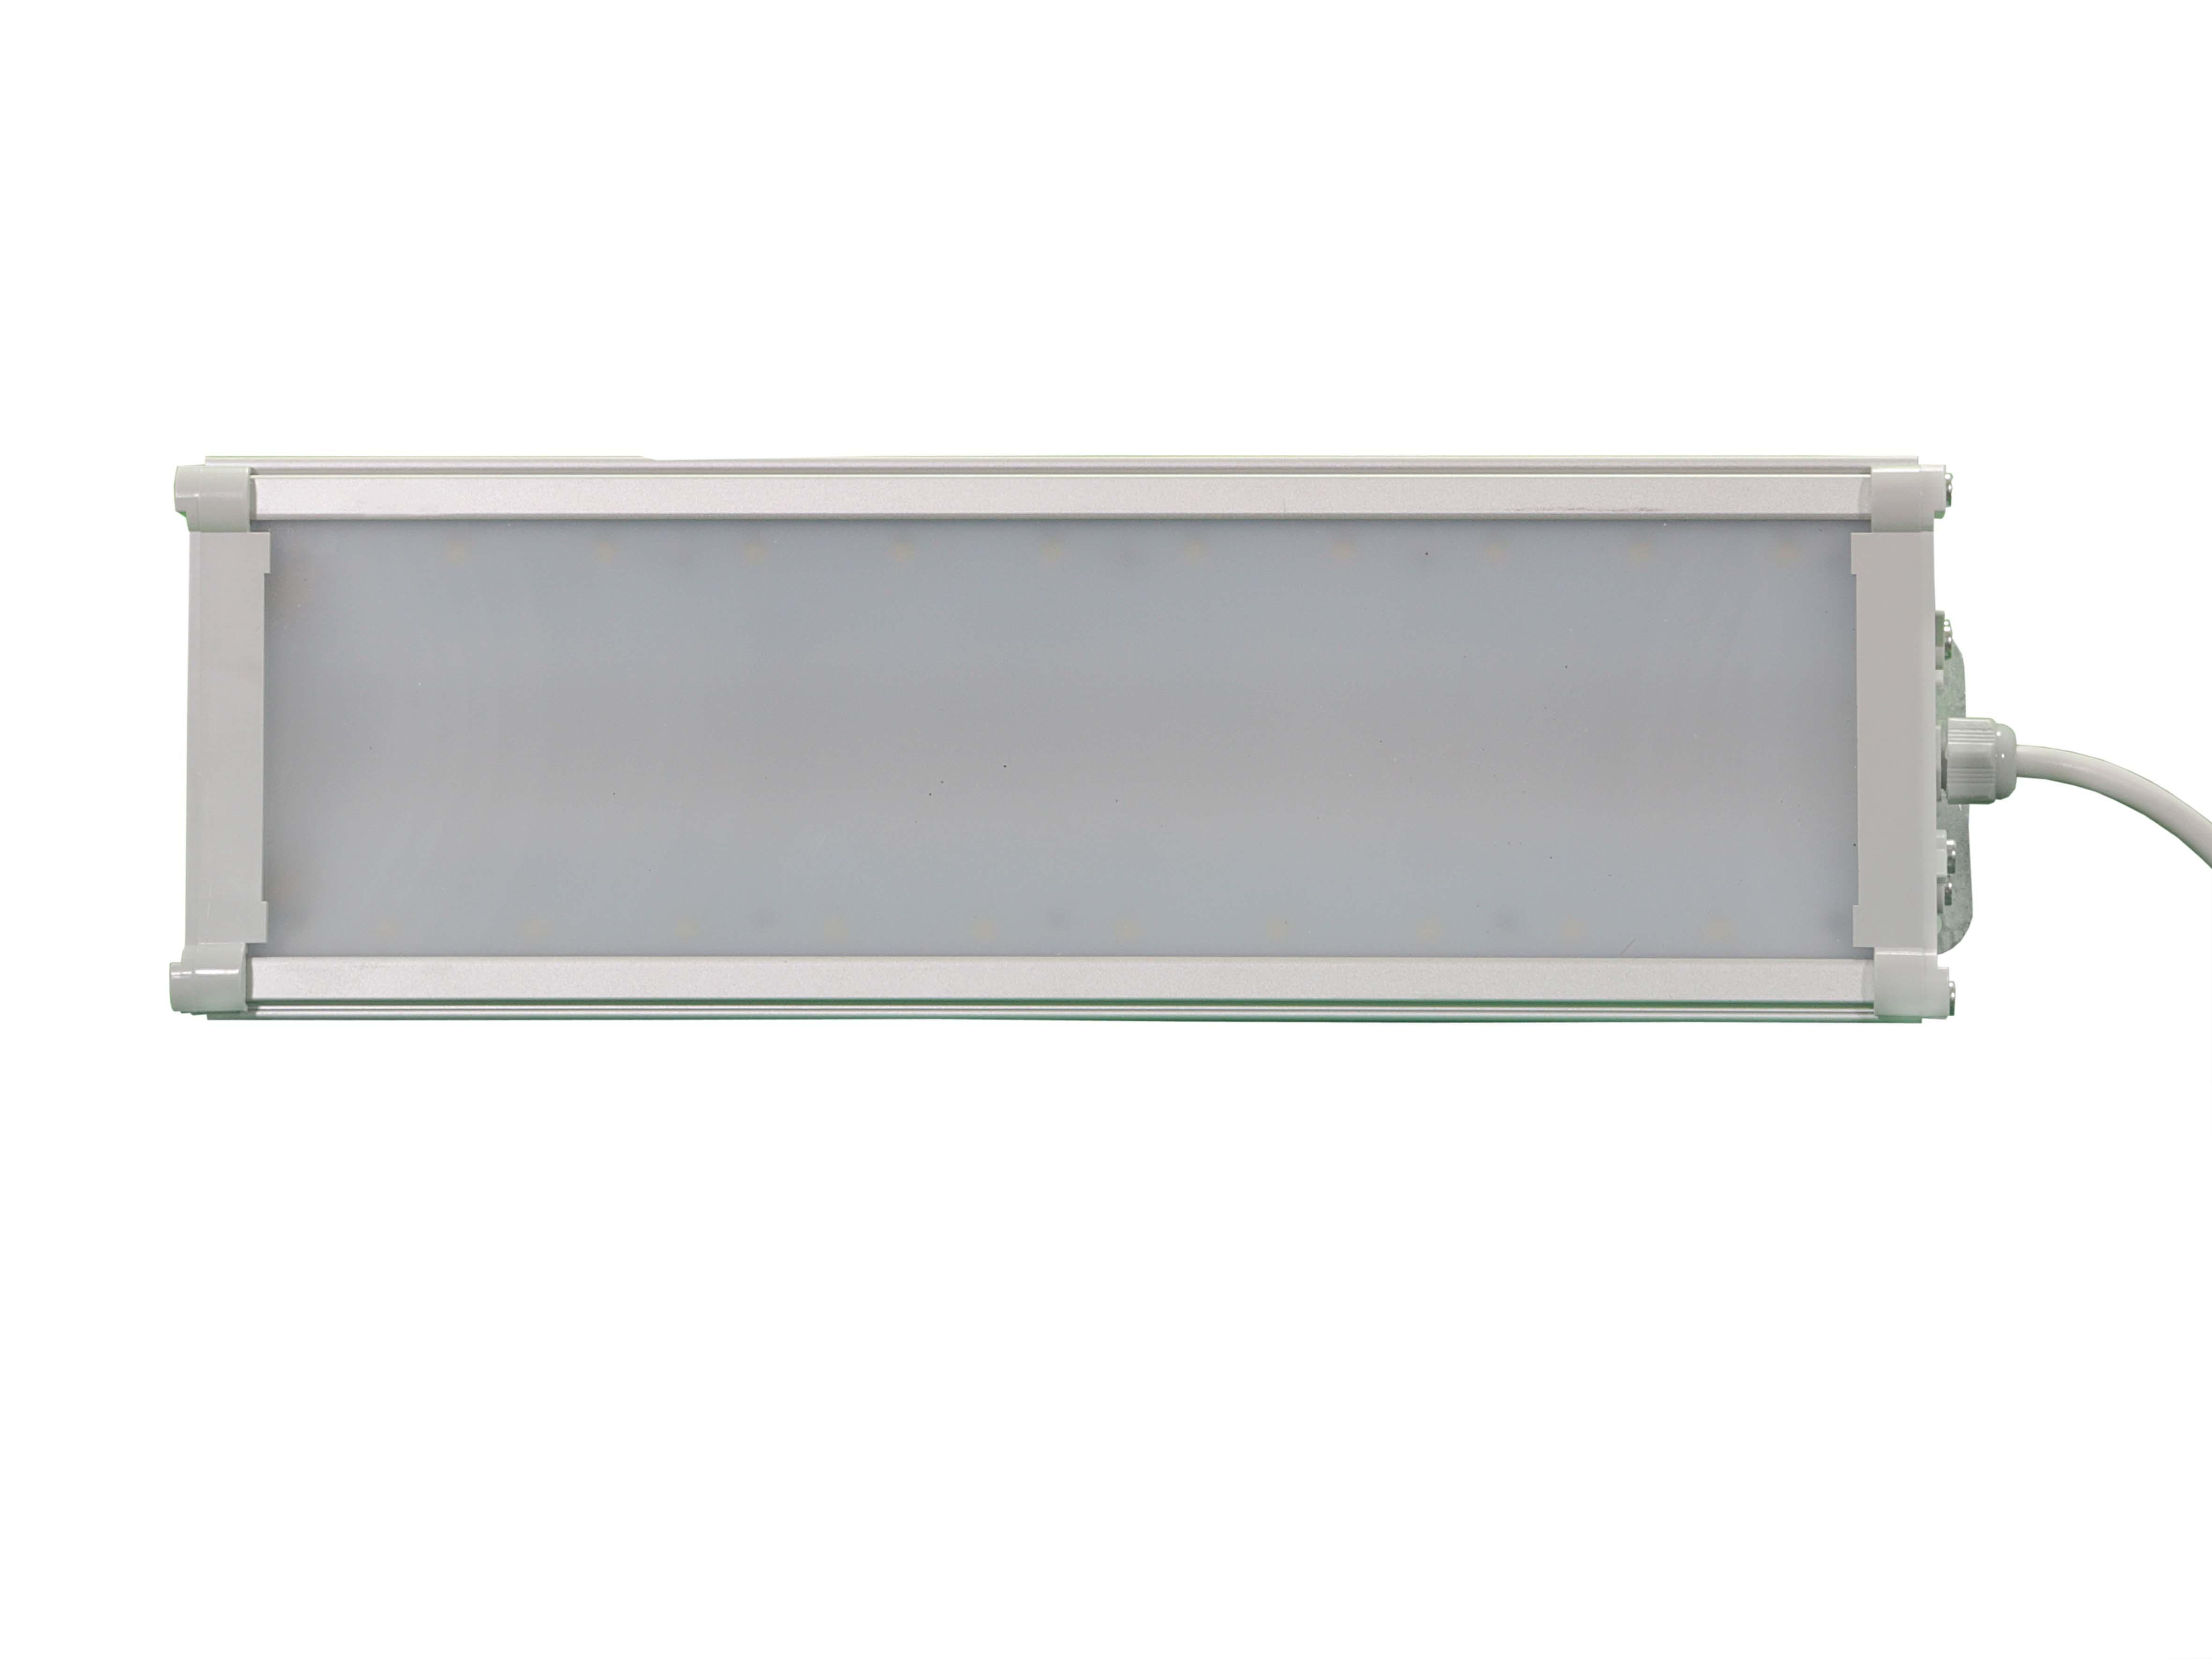 Промышленный светодиодный светильник ДСП-Алюм-20 Стандарт 20Вт 1896Лм